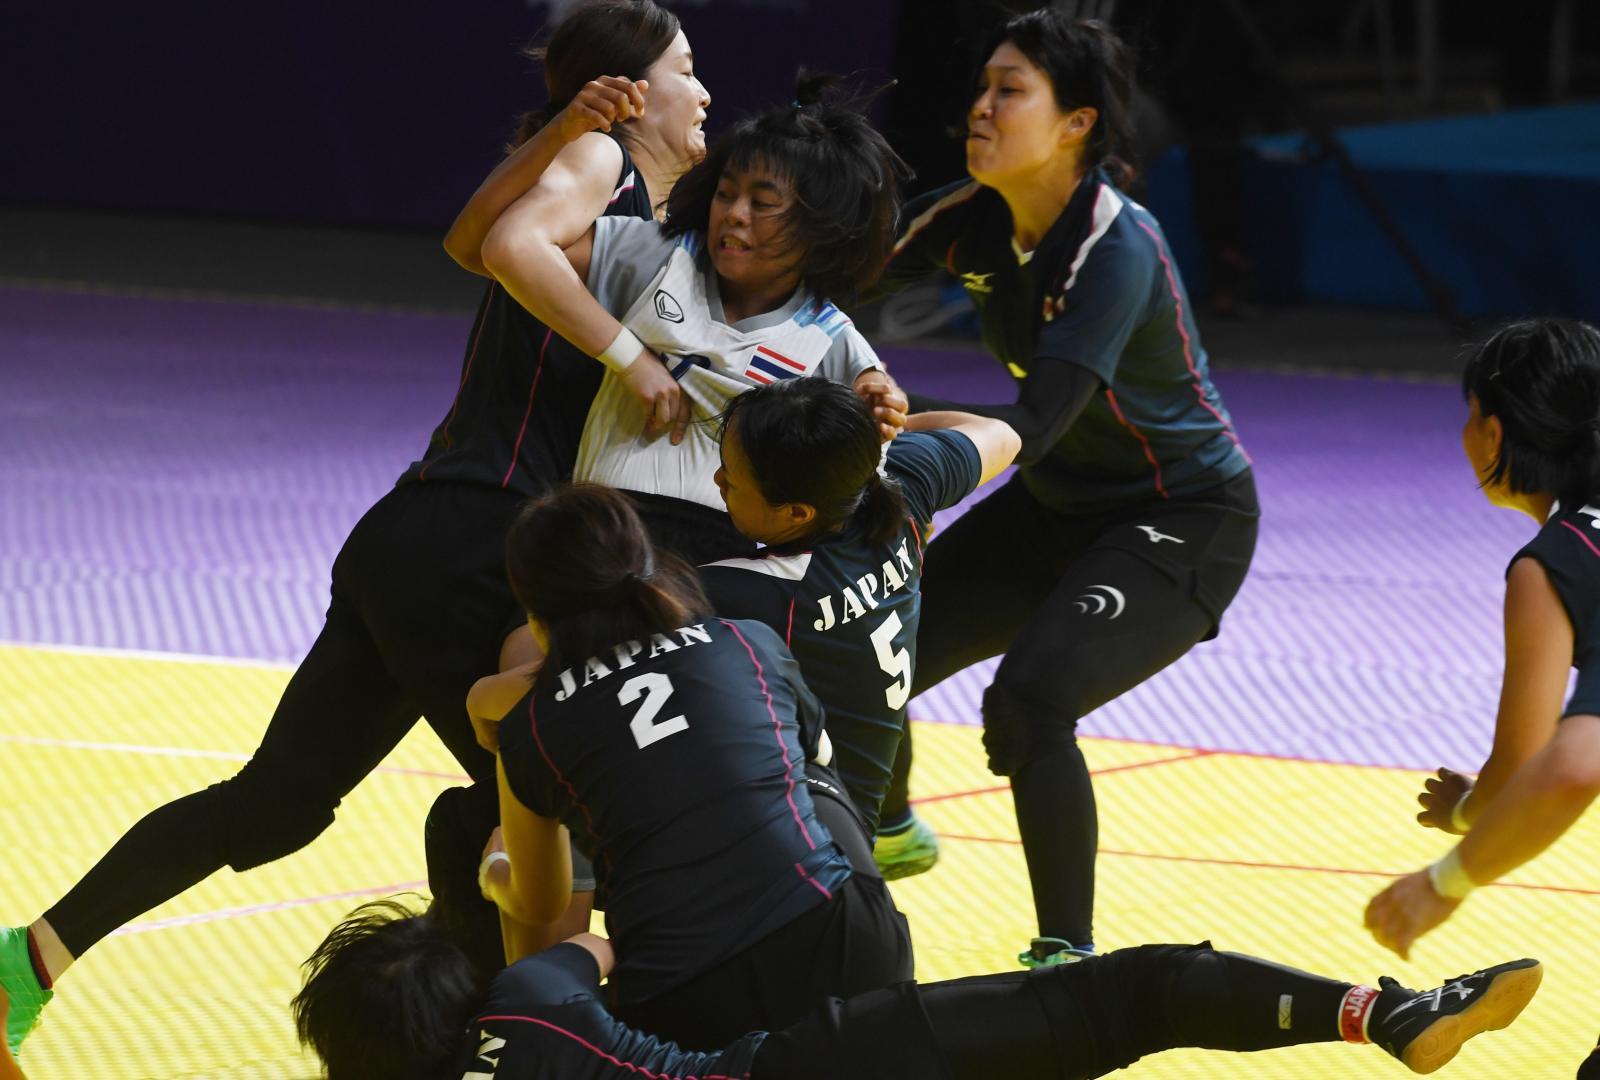 """""""กาบัดดี้"""" หรือ """"ตี่จับ""""  กีฬาอายุ 4,000 ปี ที่สนามเอเชียนเกมส์ 2018"""